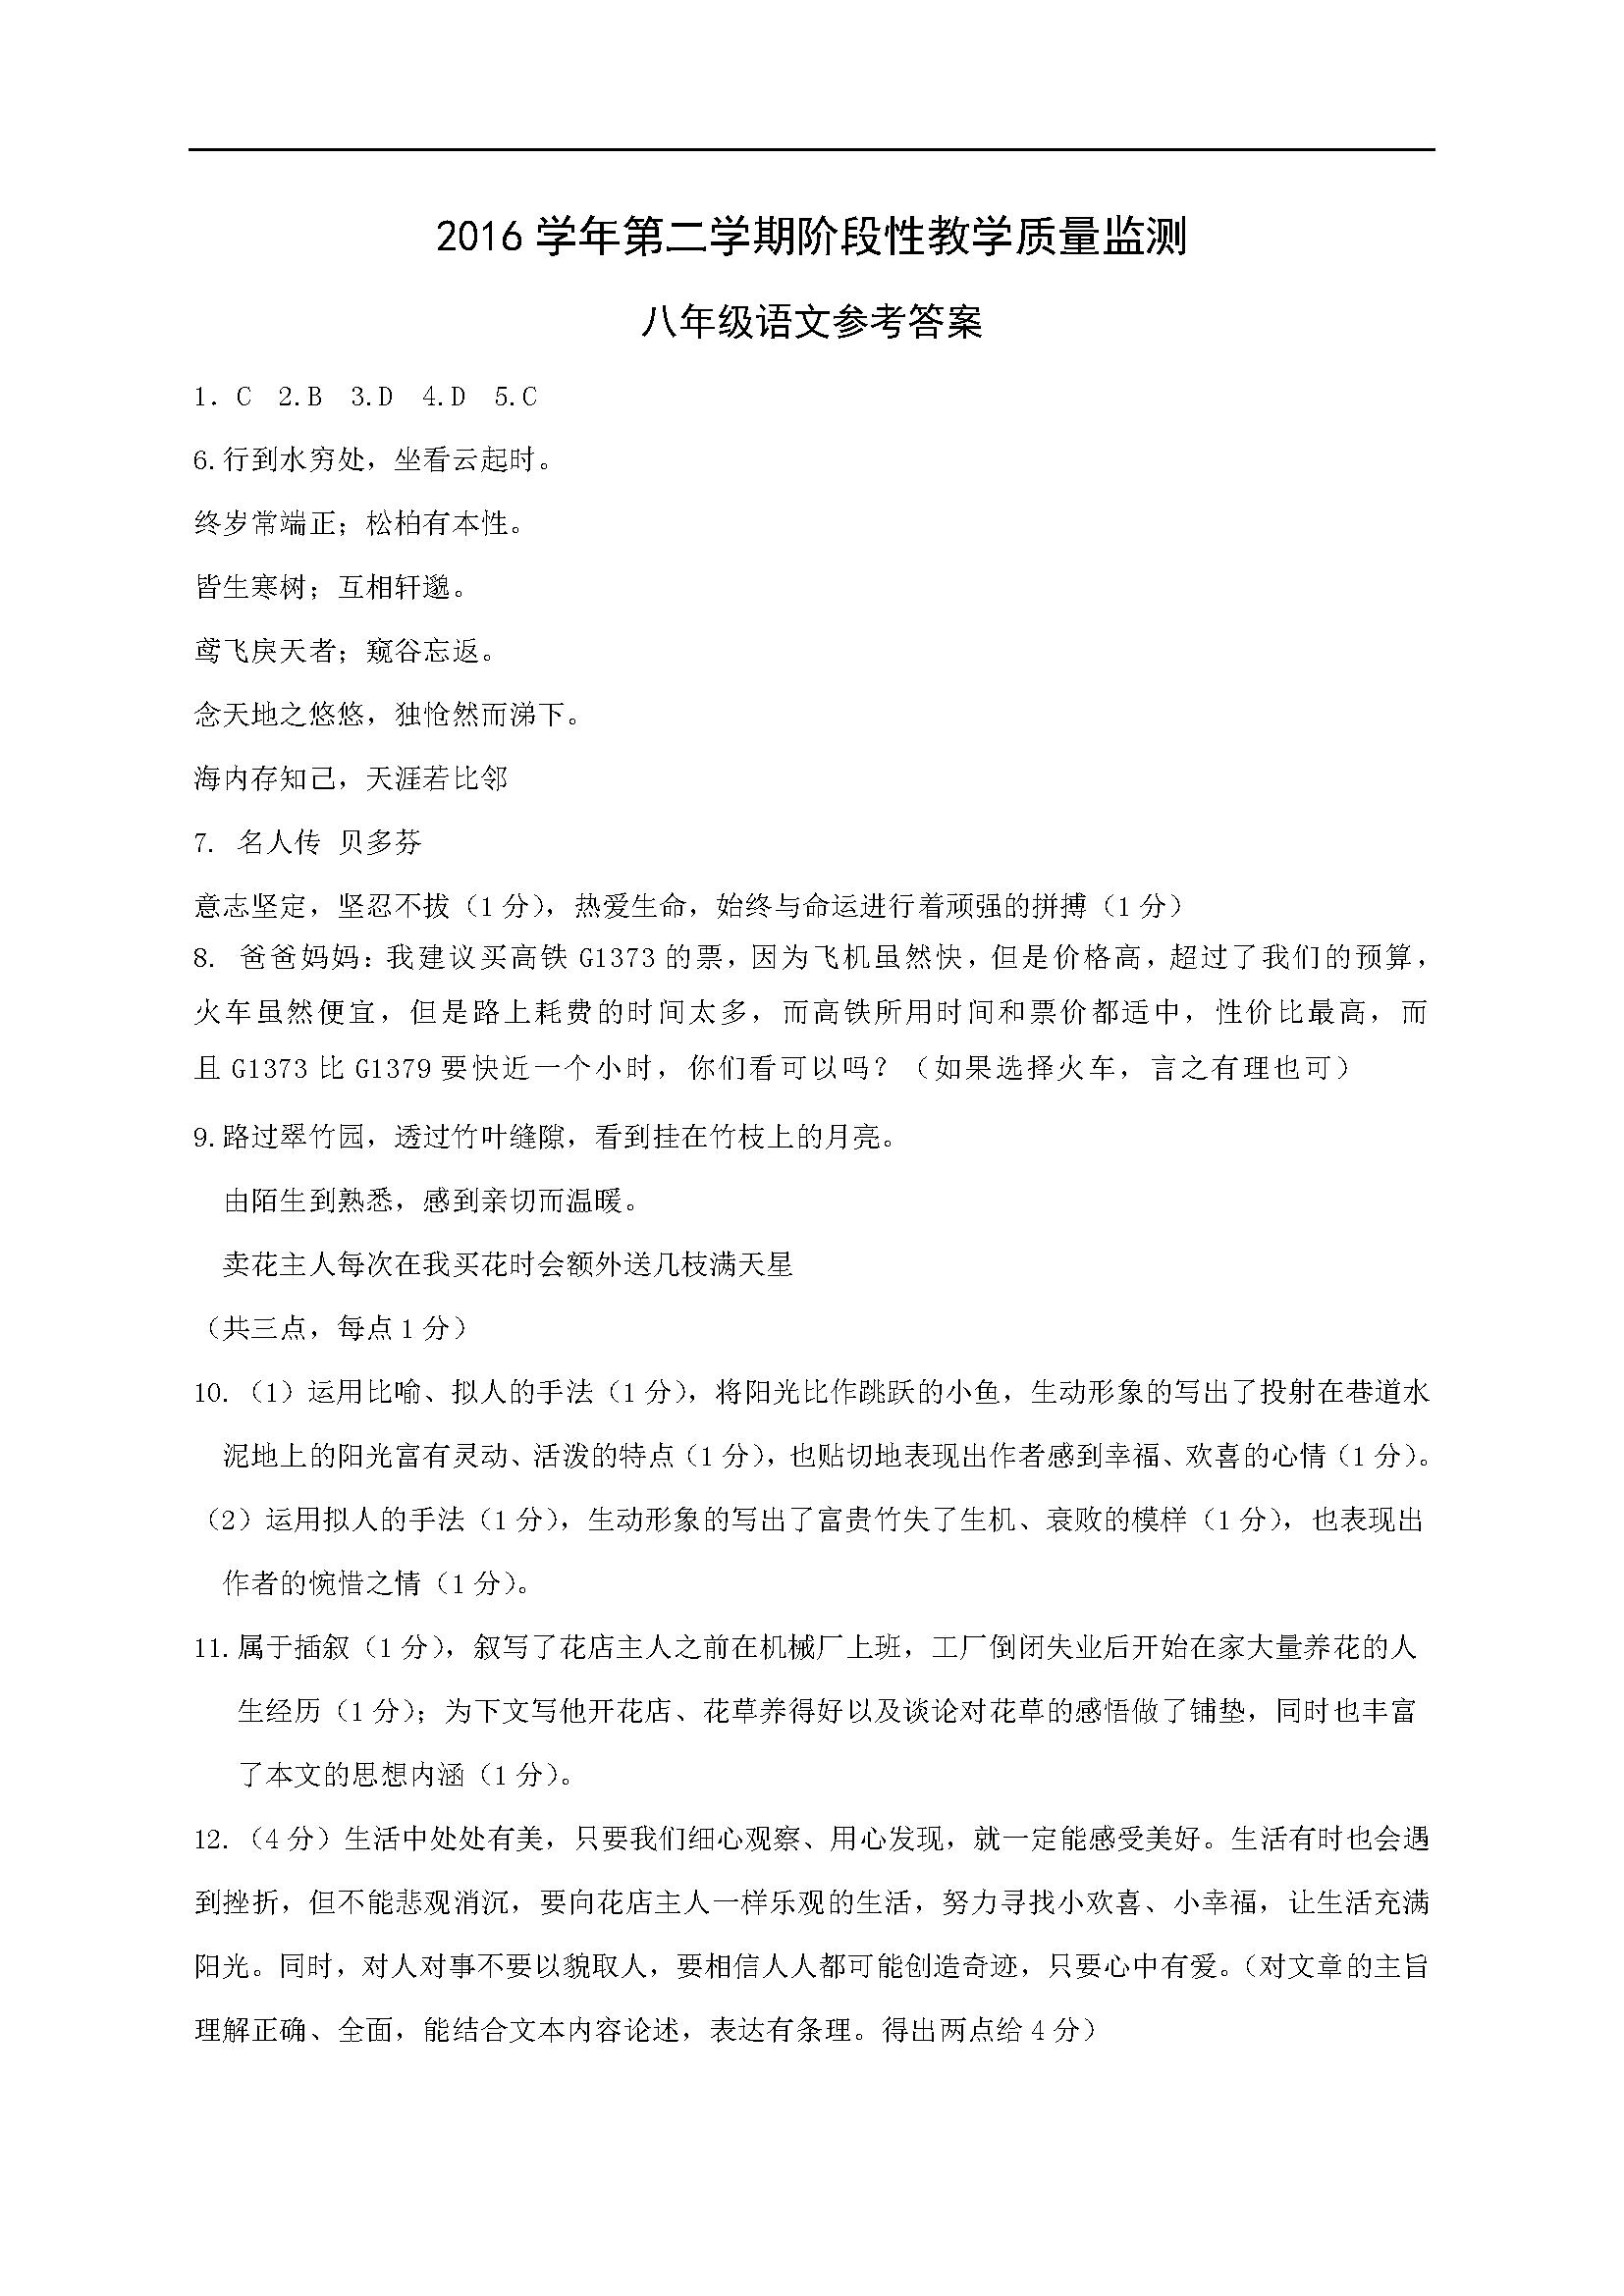 浙江杭州2016-2017学年八年级3月月考语文试题答案(图片版)